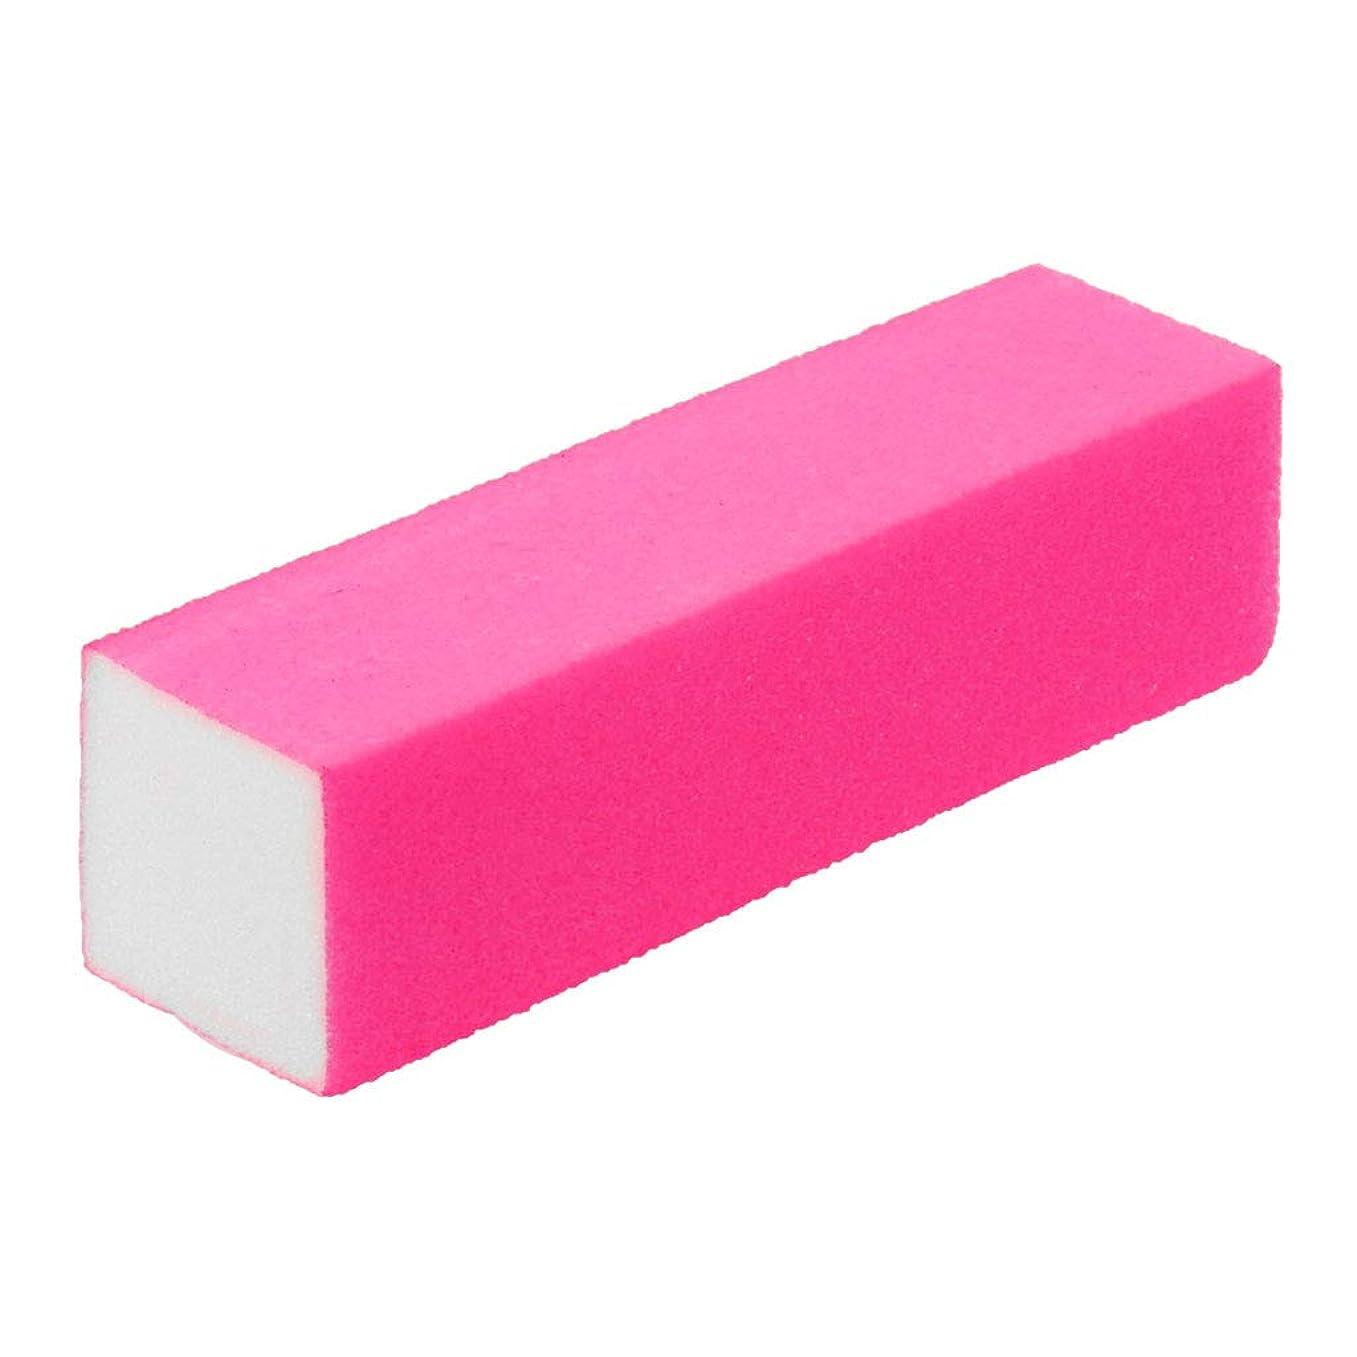 自分のために時々球体jackyee 1ネイル蛍光色4面ポリッシュ豆腐ブロック-ピンク1Pcネイルポリッシャー4ウェイバッファーバフ研磨ブロックマニキュアファイルネイルバッファーアートツール